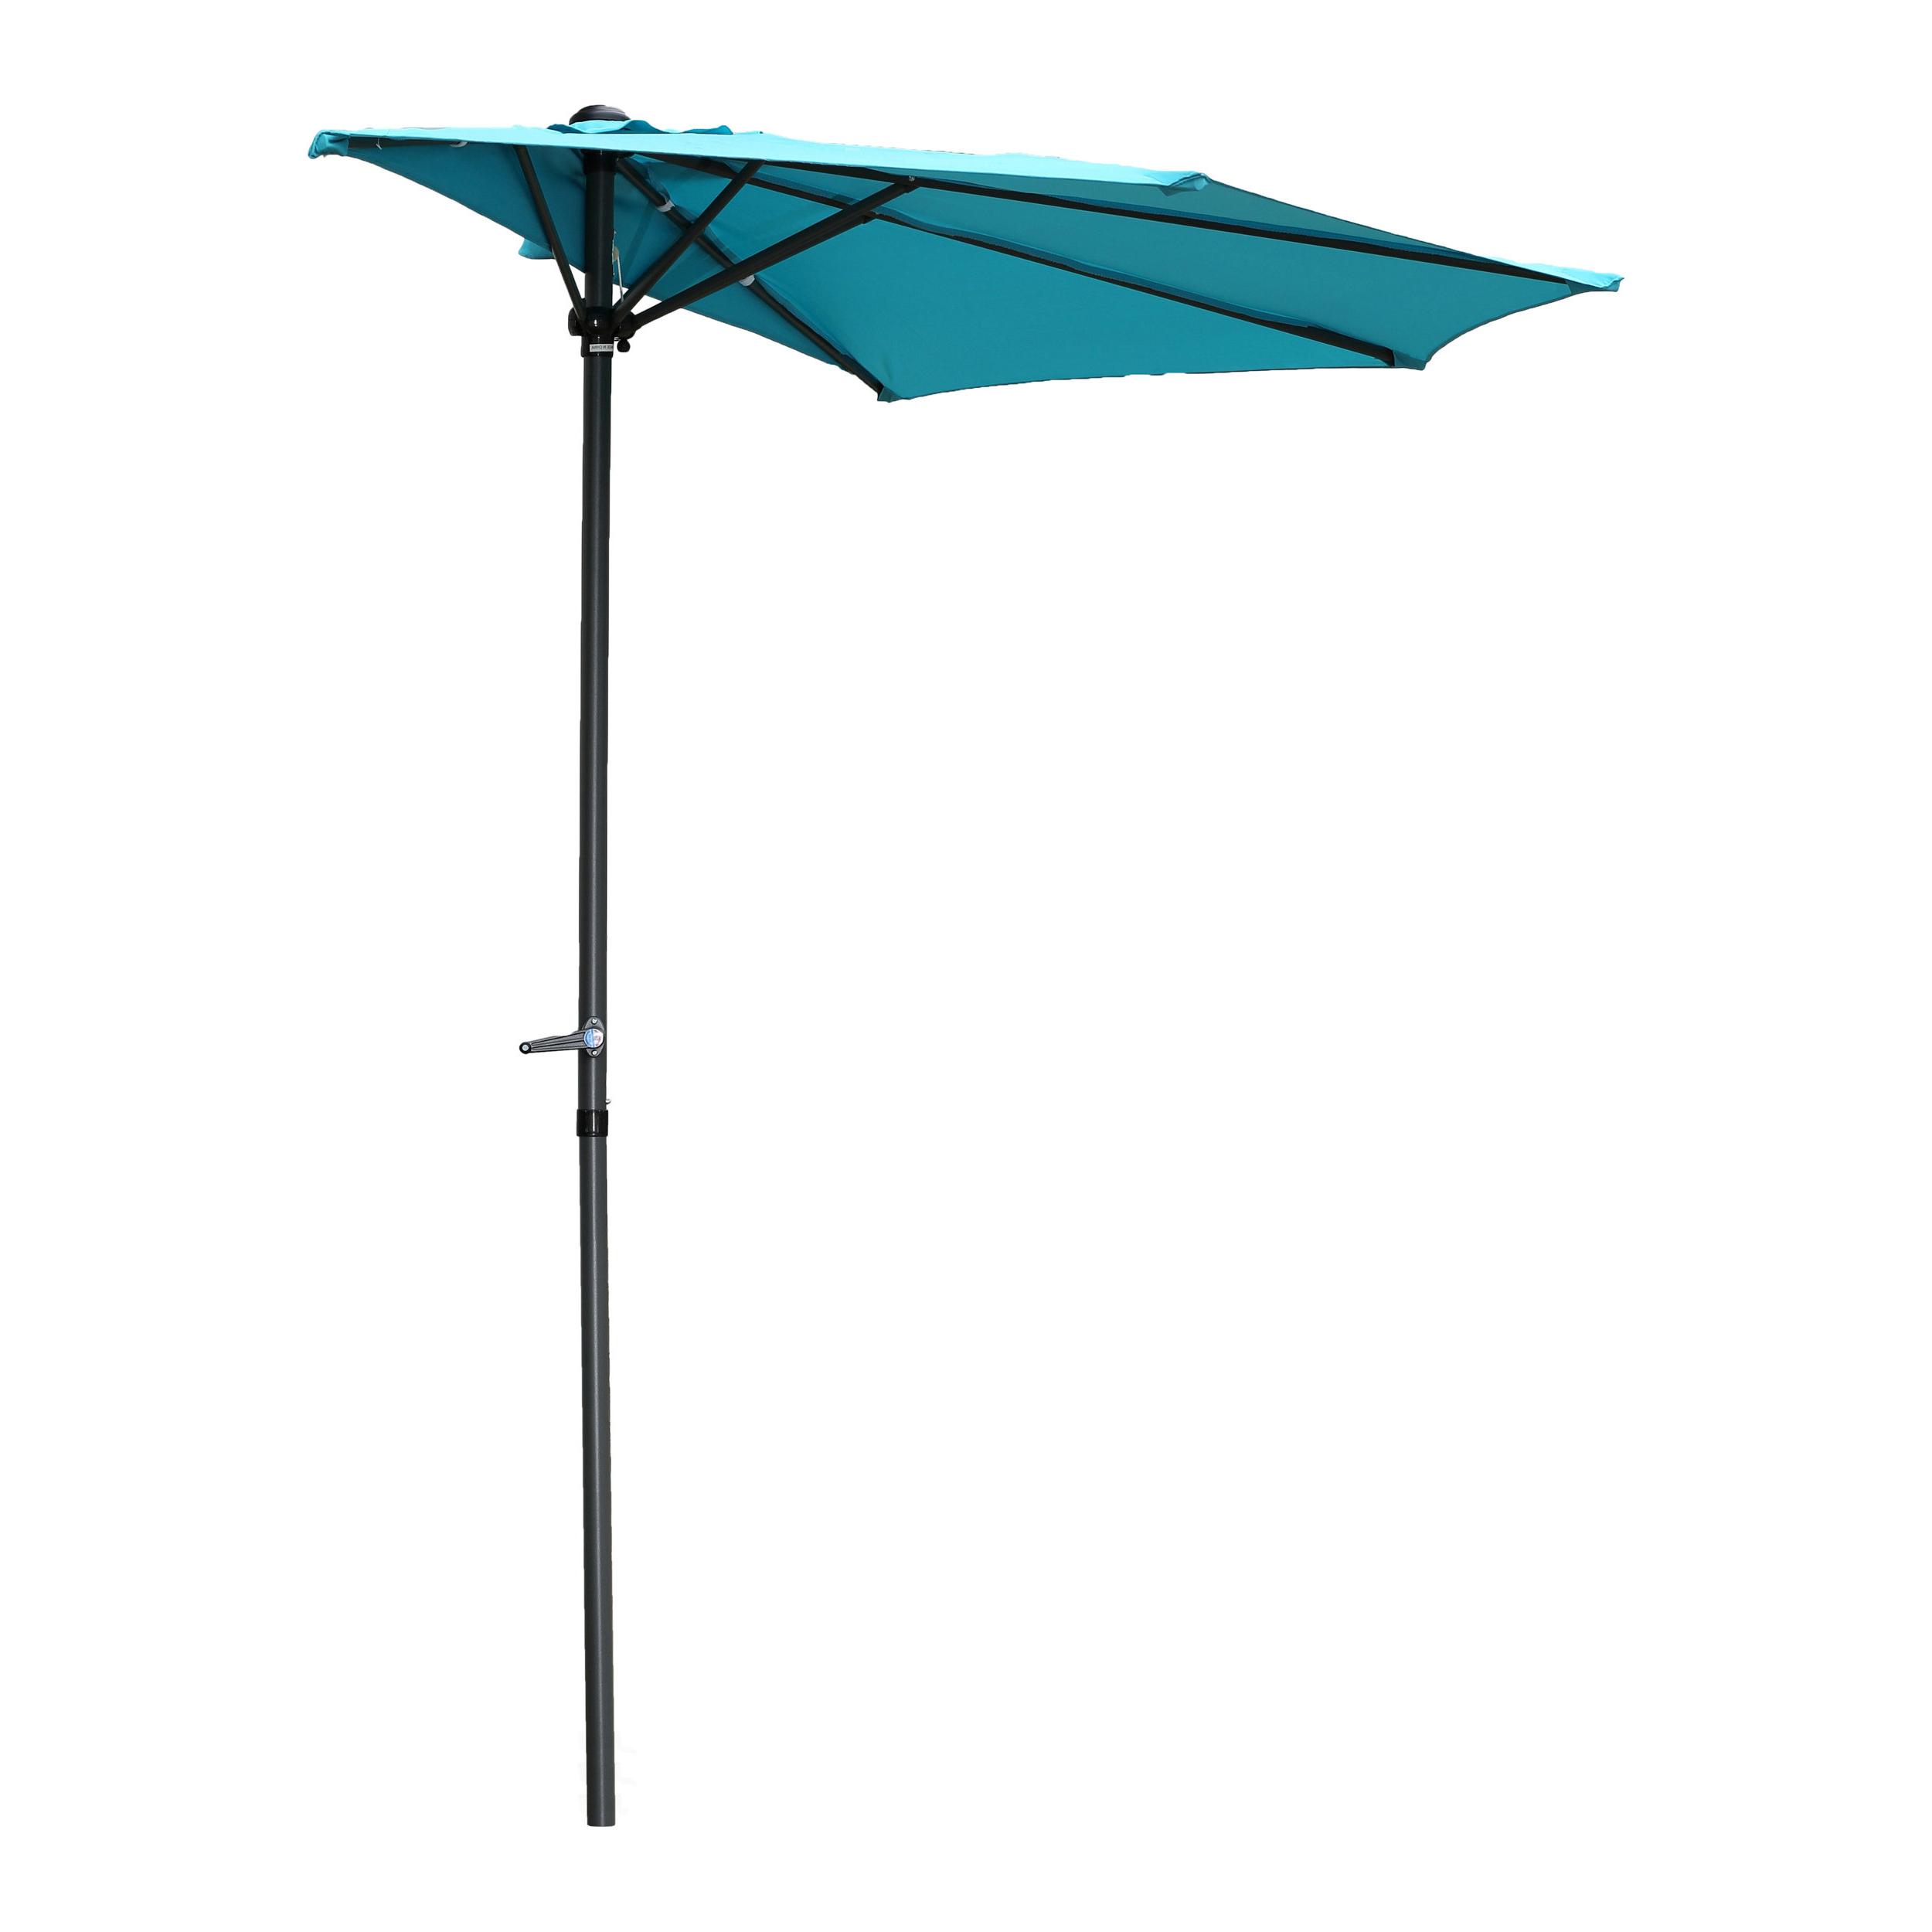 Sheehan Market Umbrellas With Regard To Preferred Dade City North 9' Half Market Umbrella (View 16 of 20)